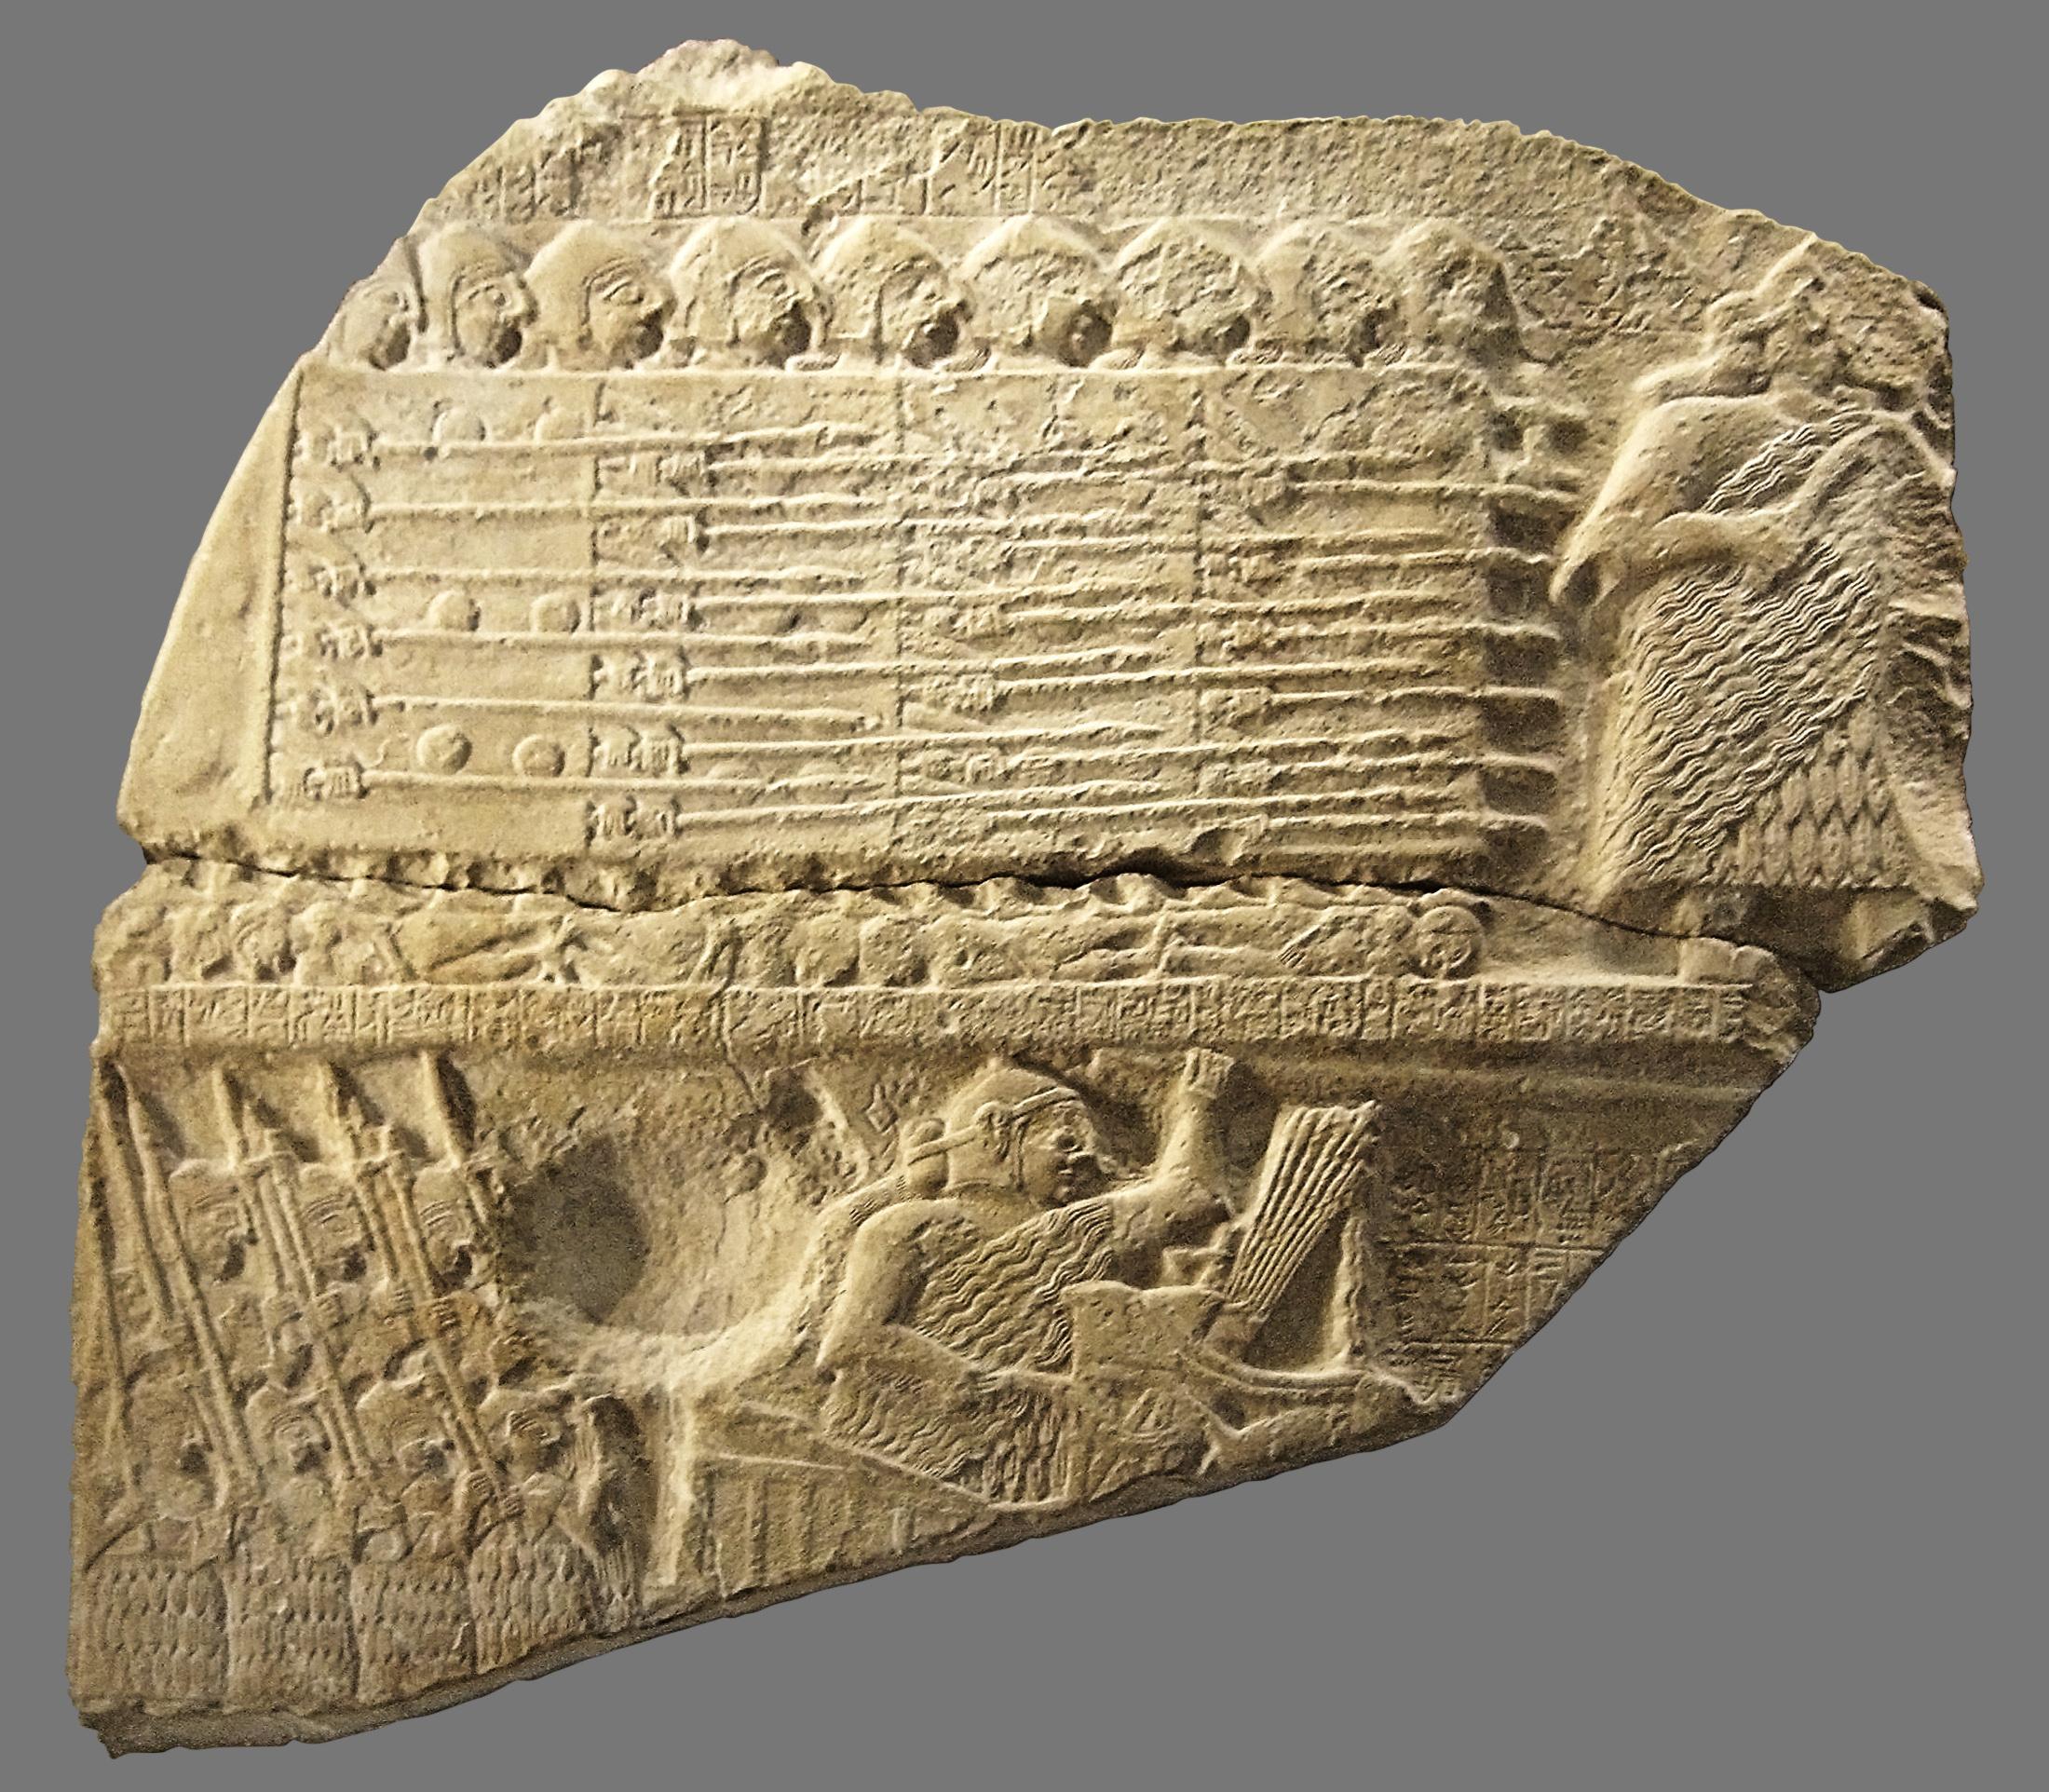 File:Stele of Vultures detail 01.jpg